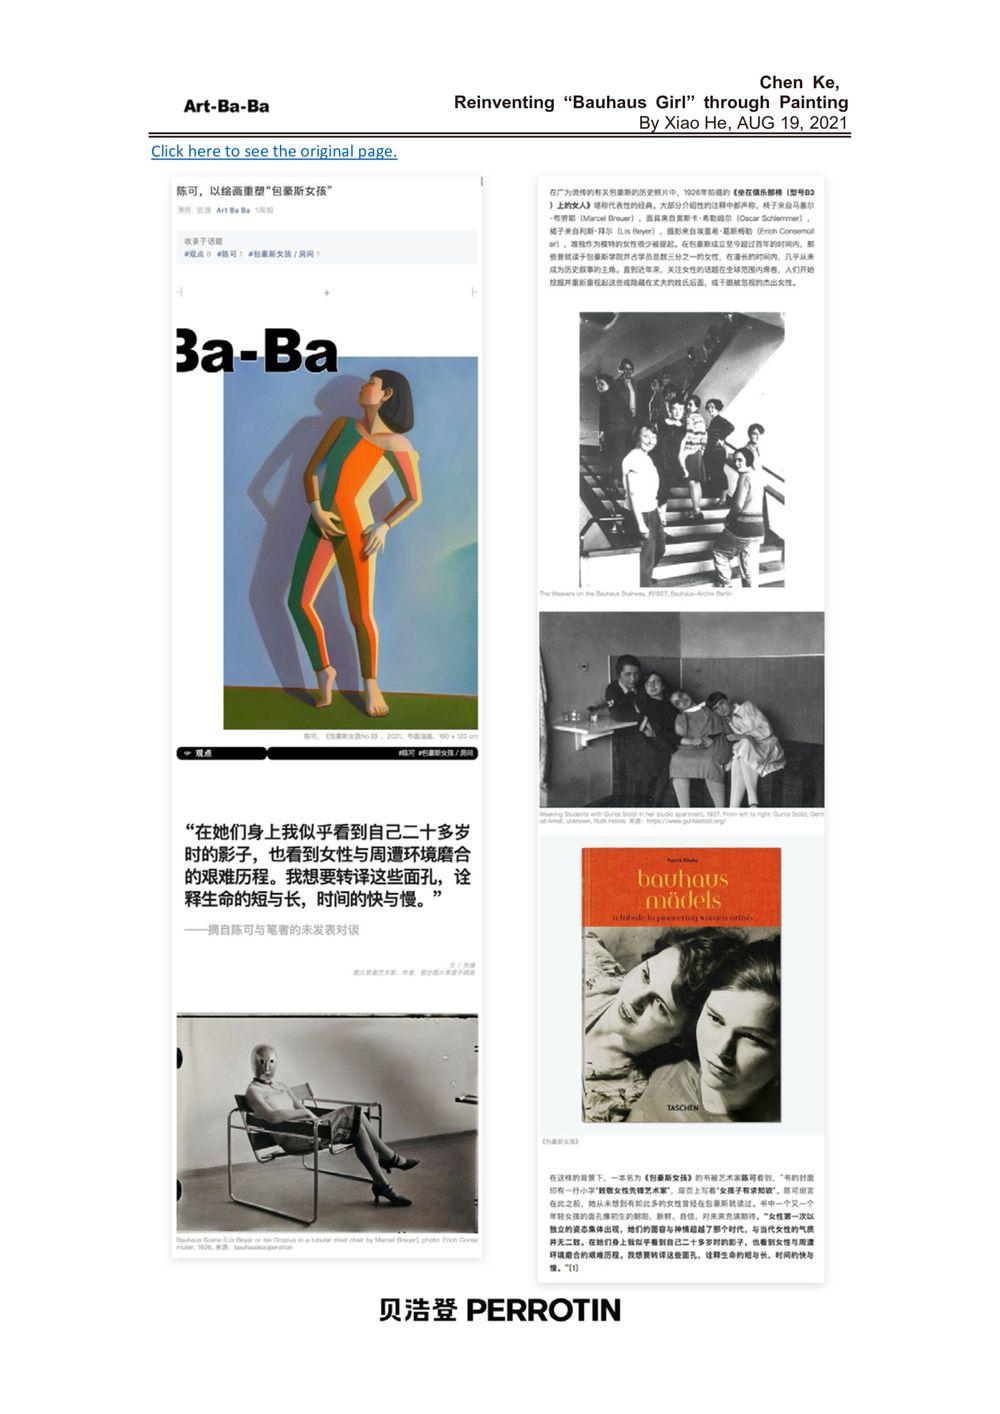 Art-Ba-Ba | CHEN Ke